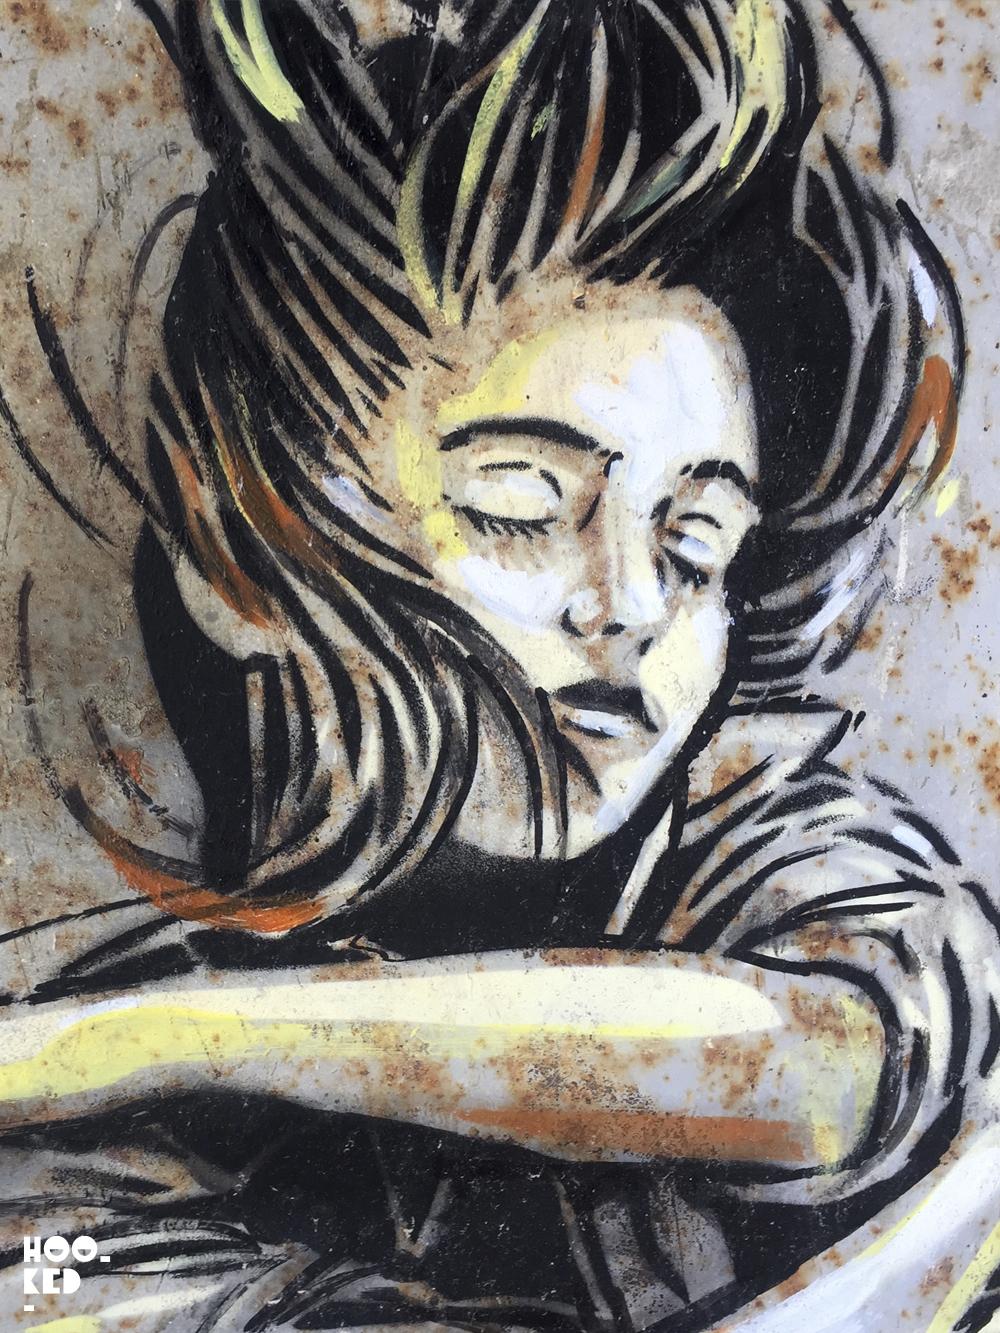 Italian Street Artist Alice Pasquini stencil work in Civitacampomarano